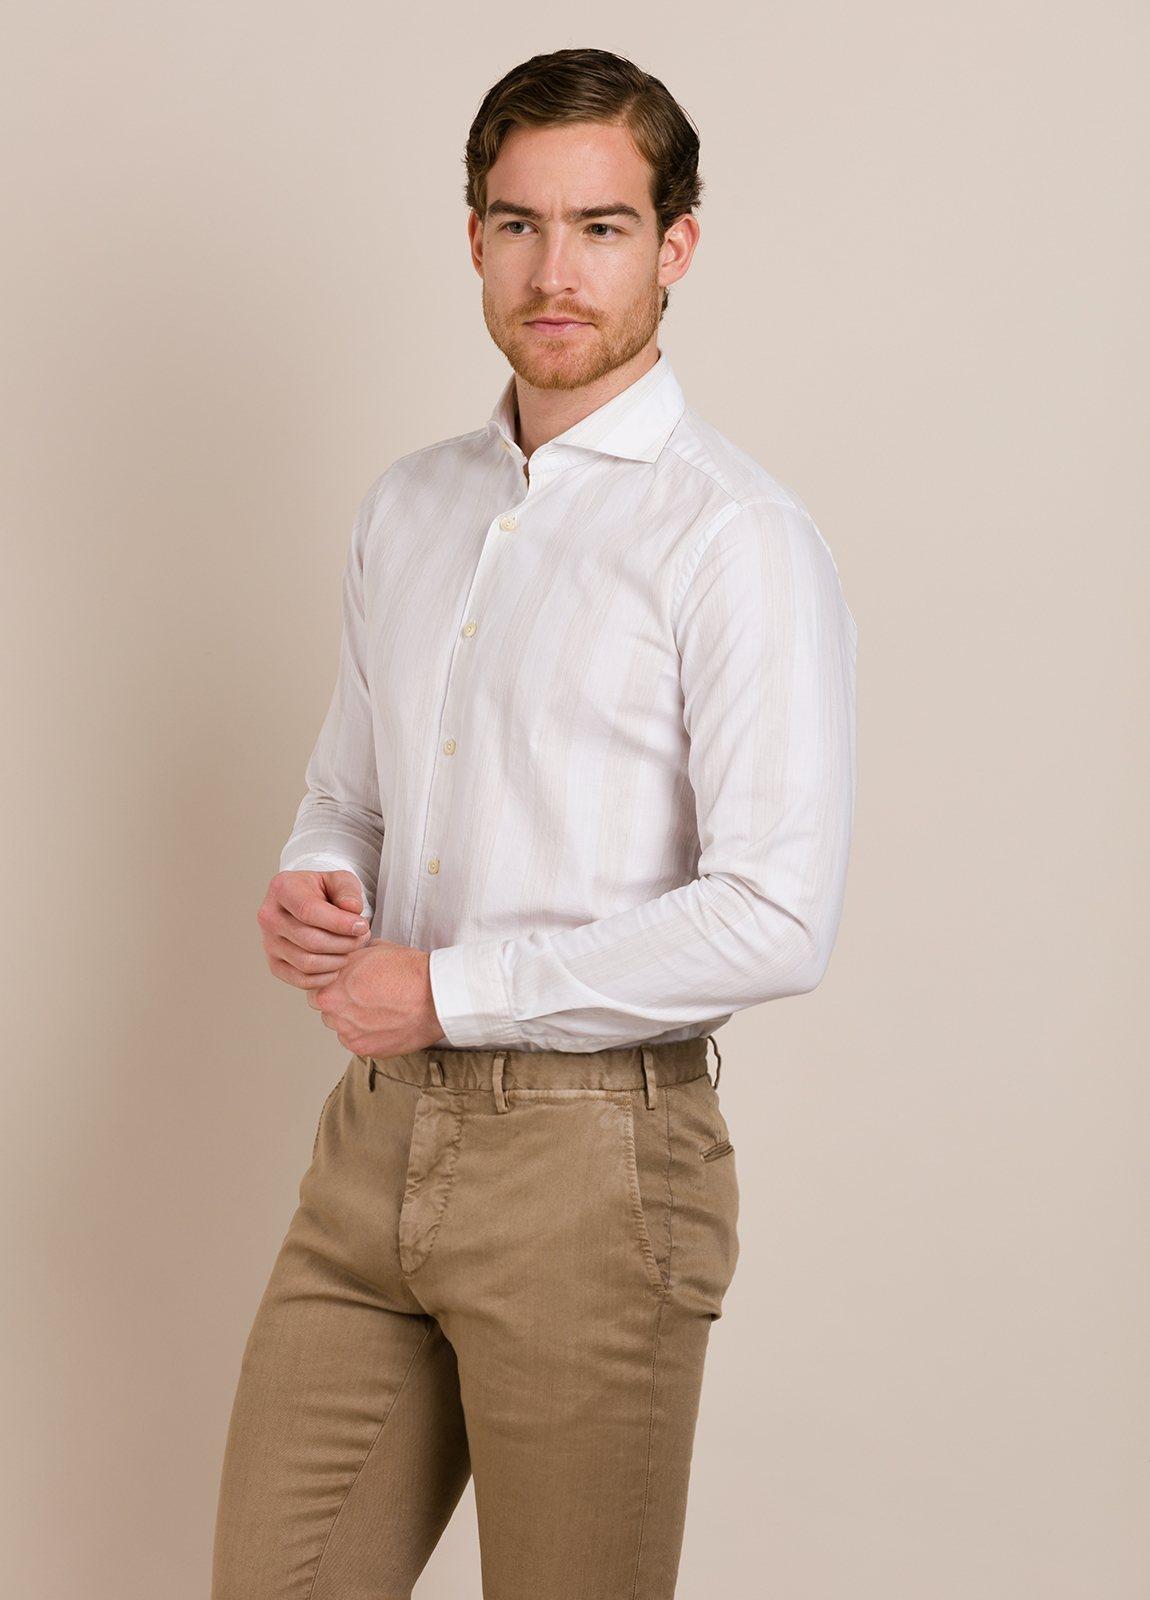 Camisa sport TINTORIA MATEI blanco - Ítem1